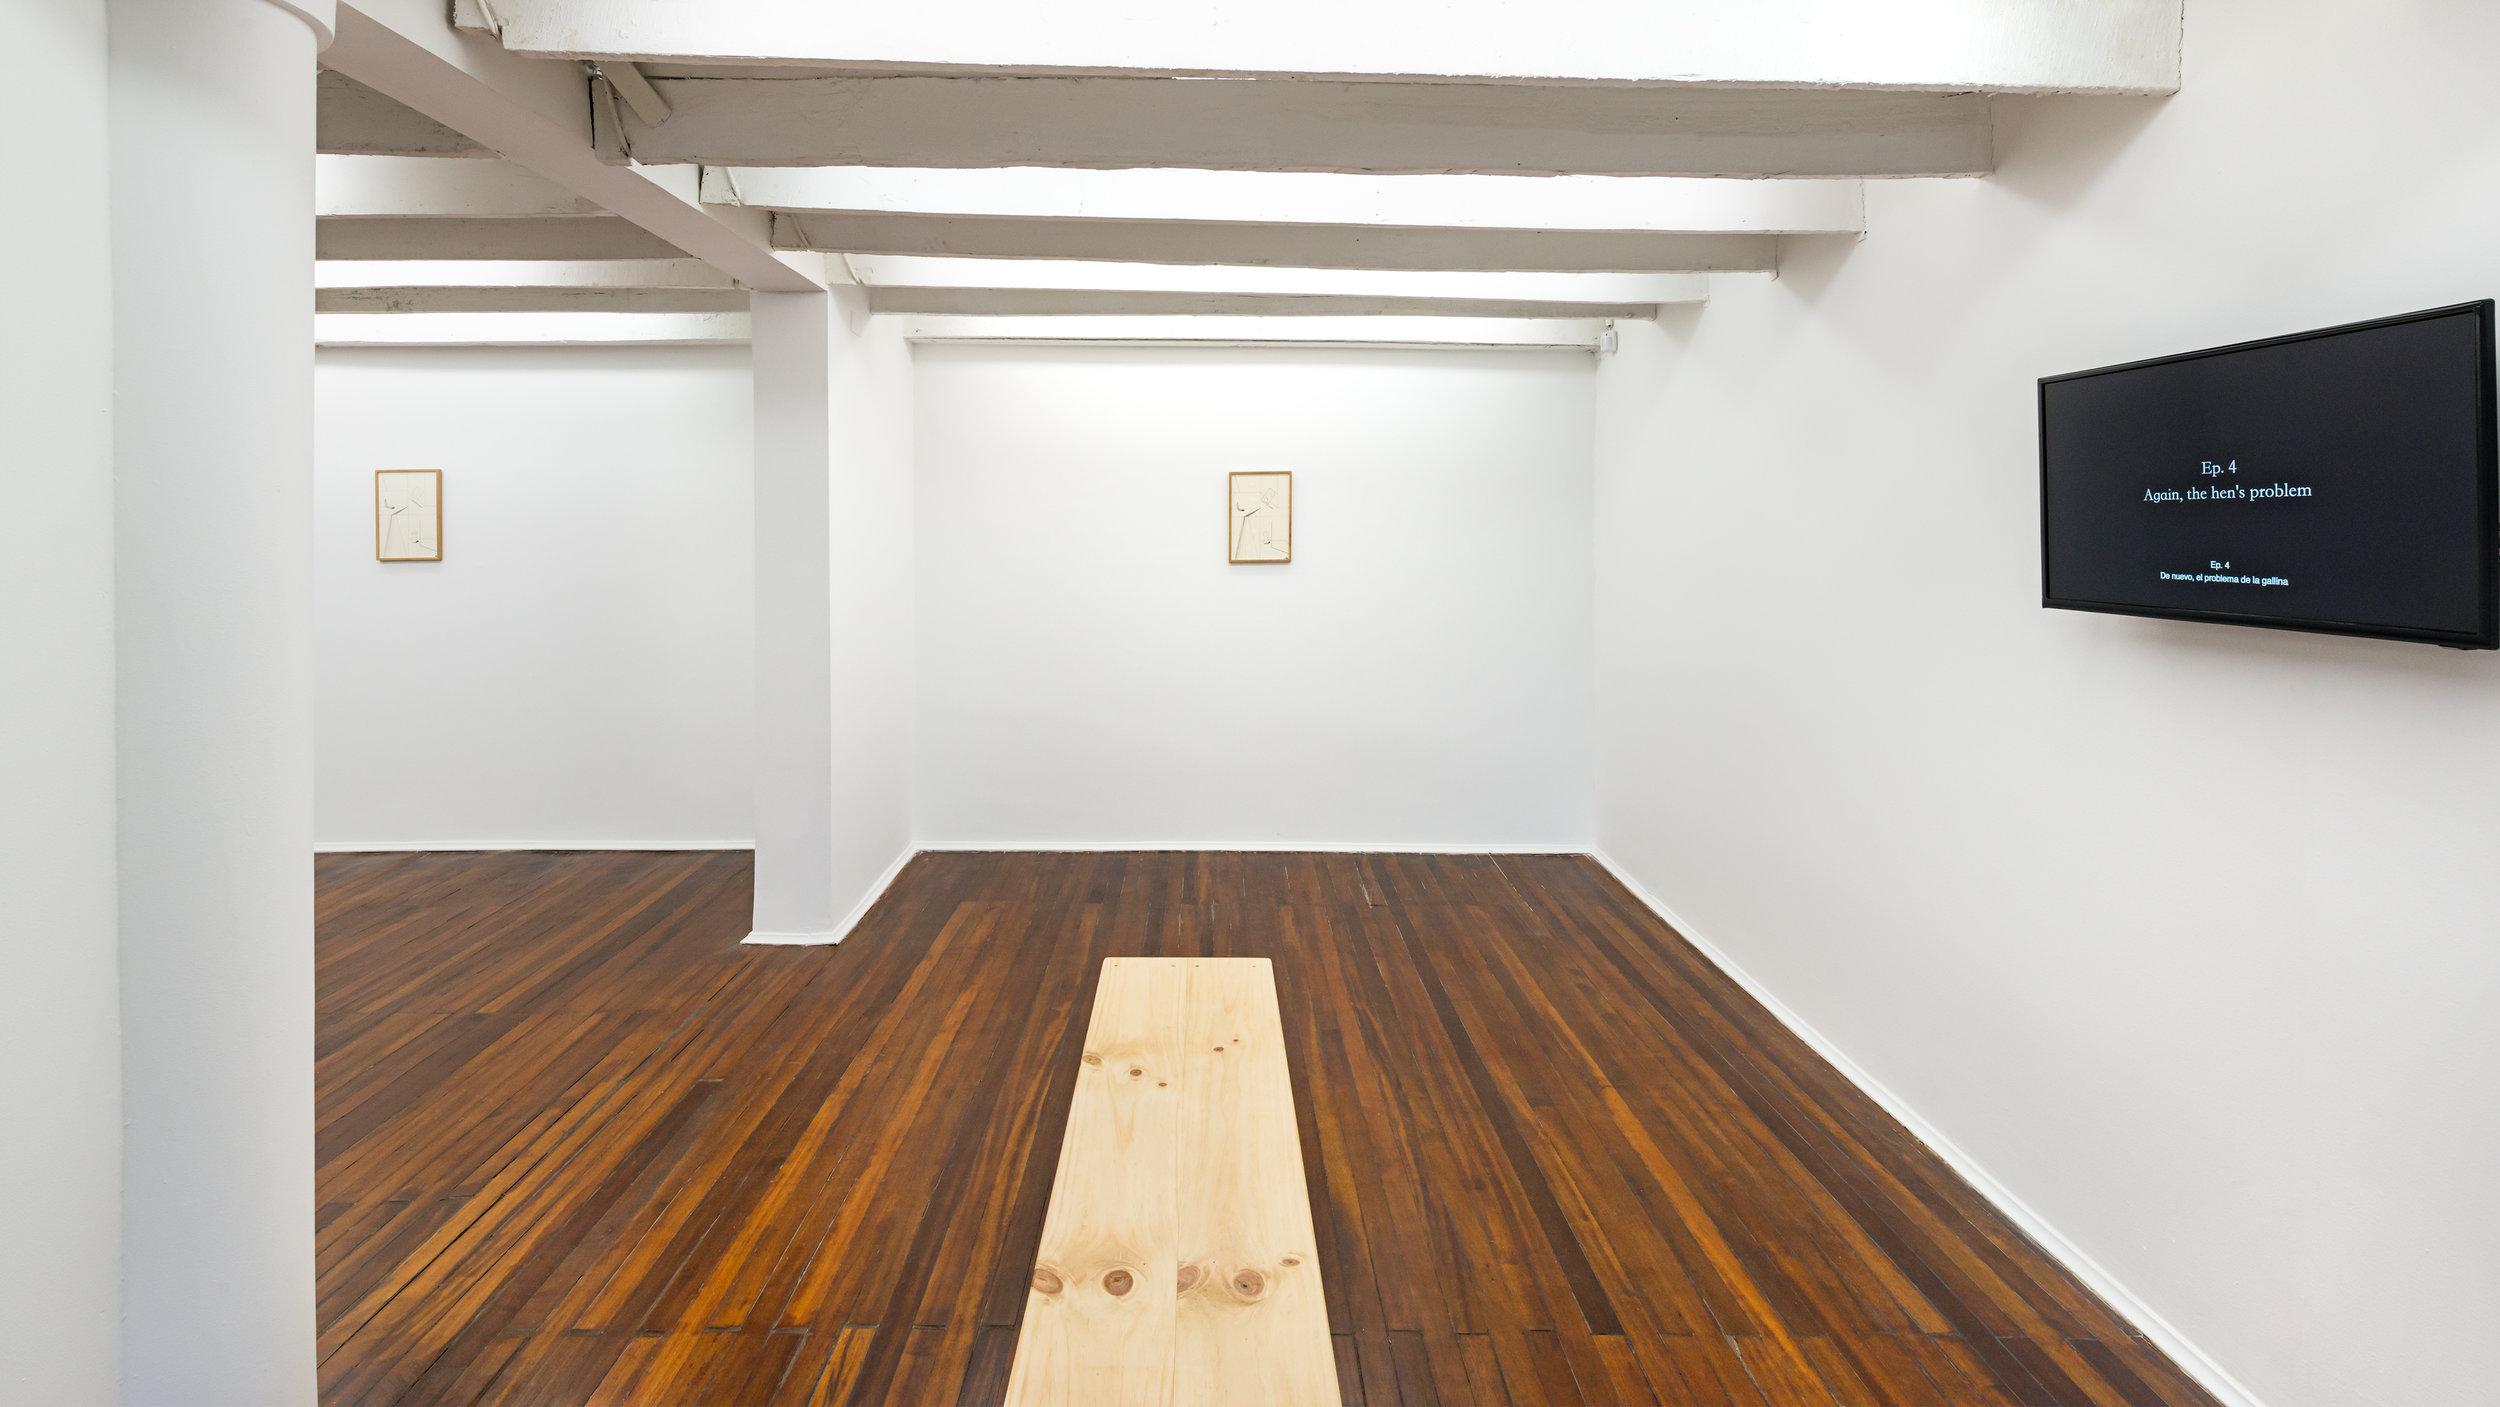 Copy of Historias son fantasmas de dominio público, Carlos Alfonso, 2017, Gallery View